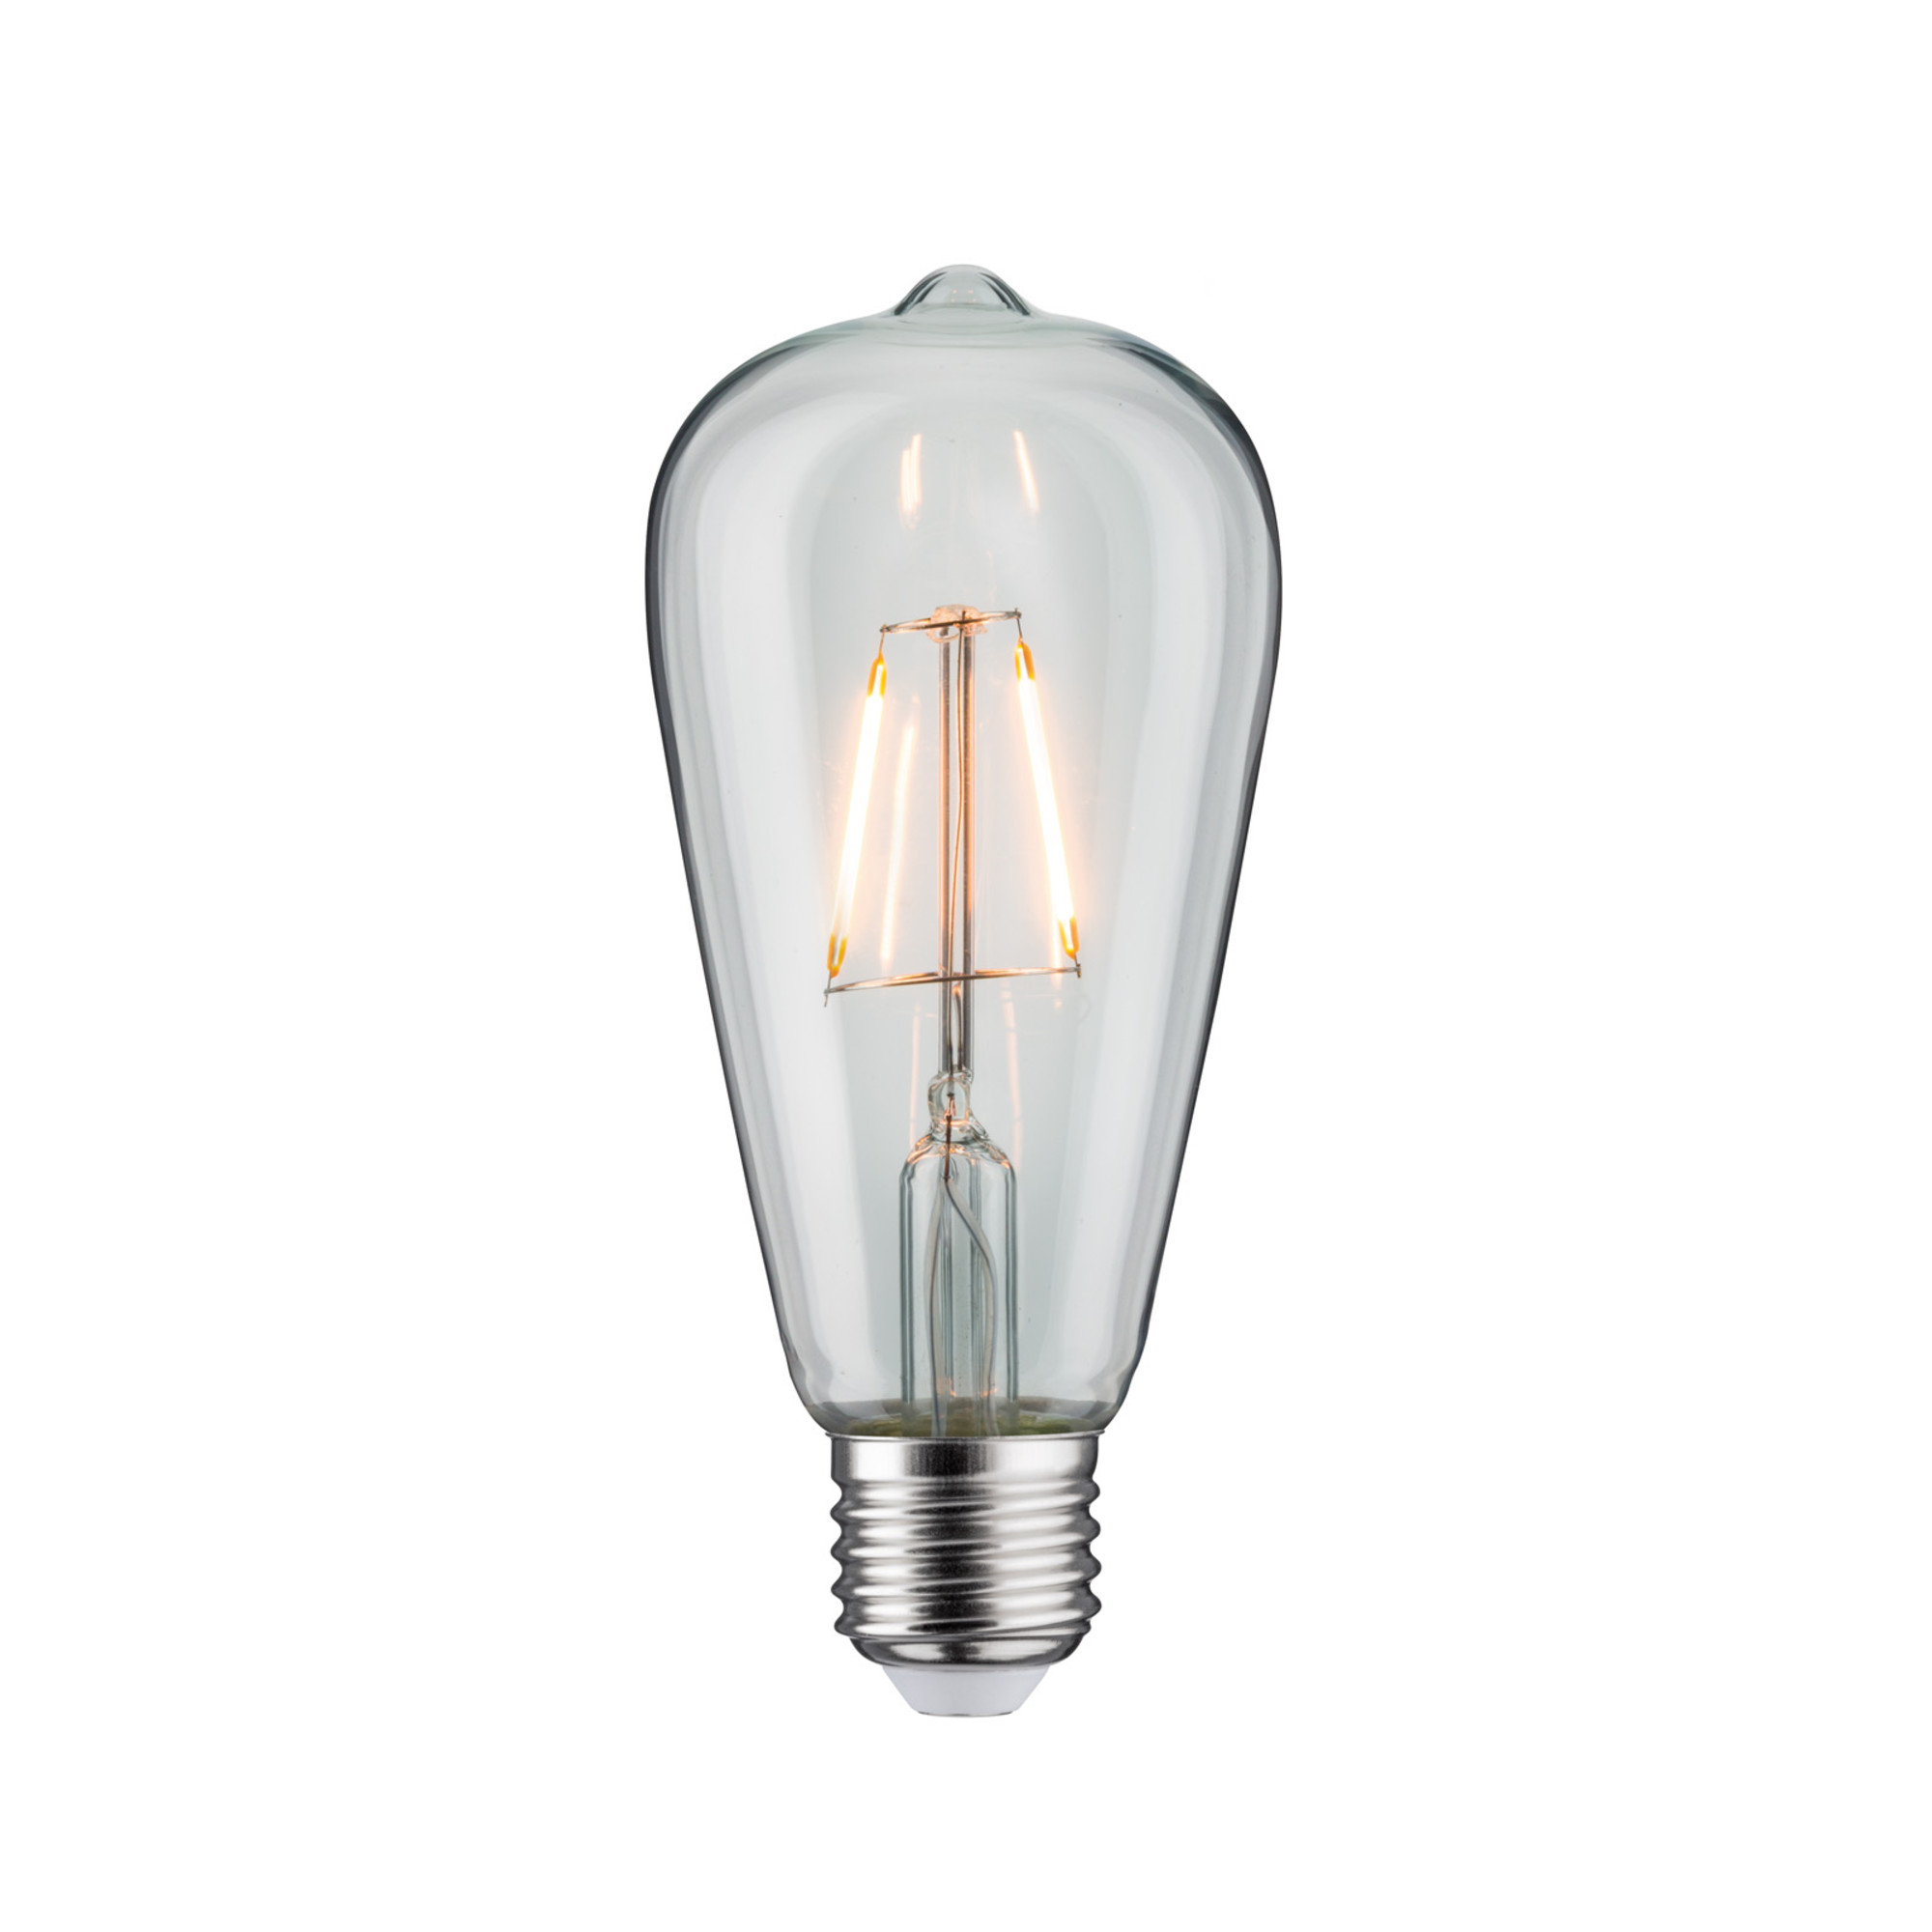 Лампа филаментная Paulmann Vintage ST64 2.5Вт 180лм 1700К E27 230В Прозрачный 28393.